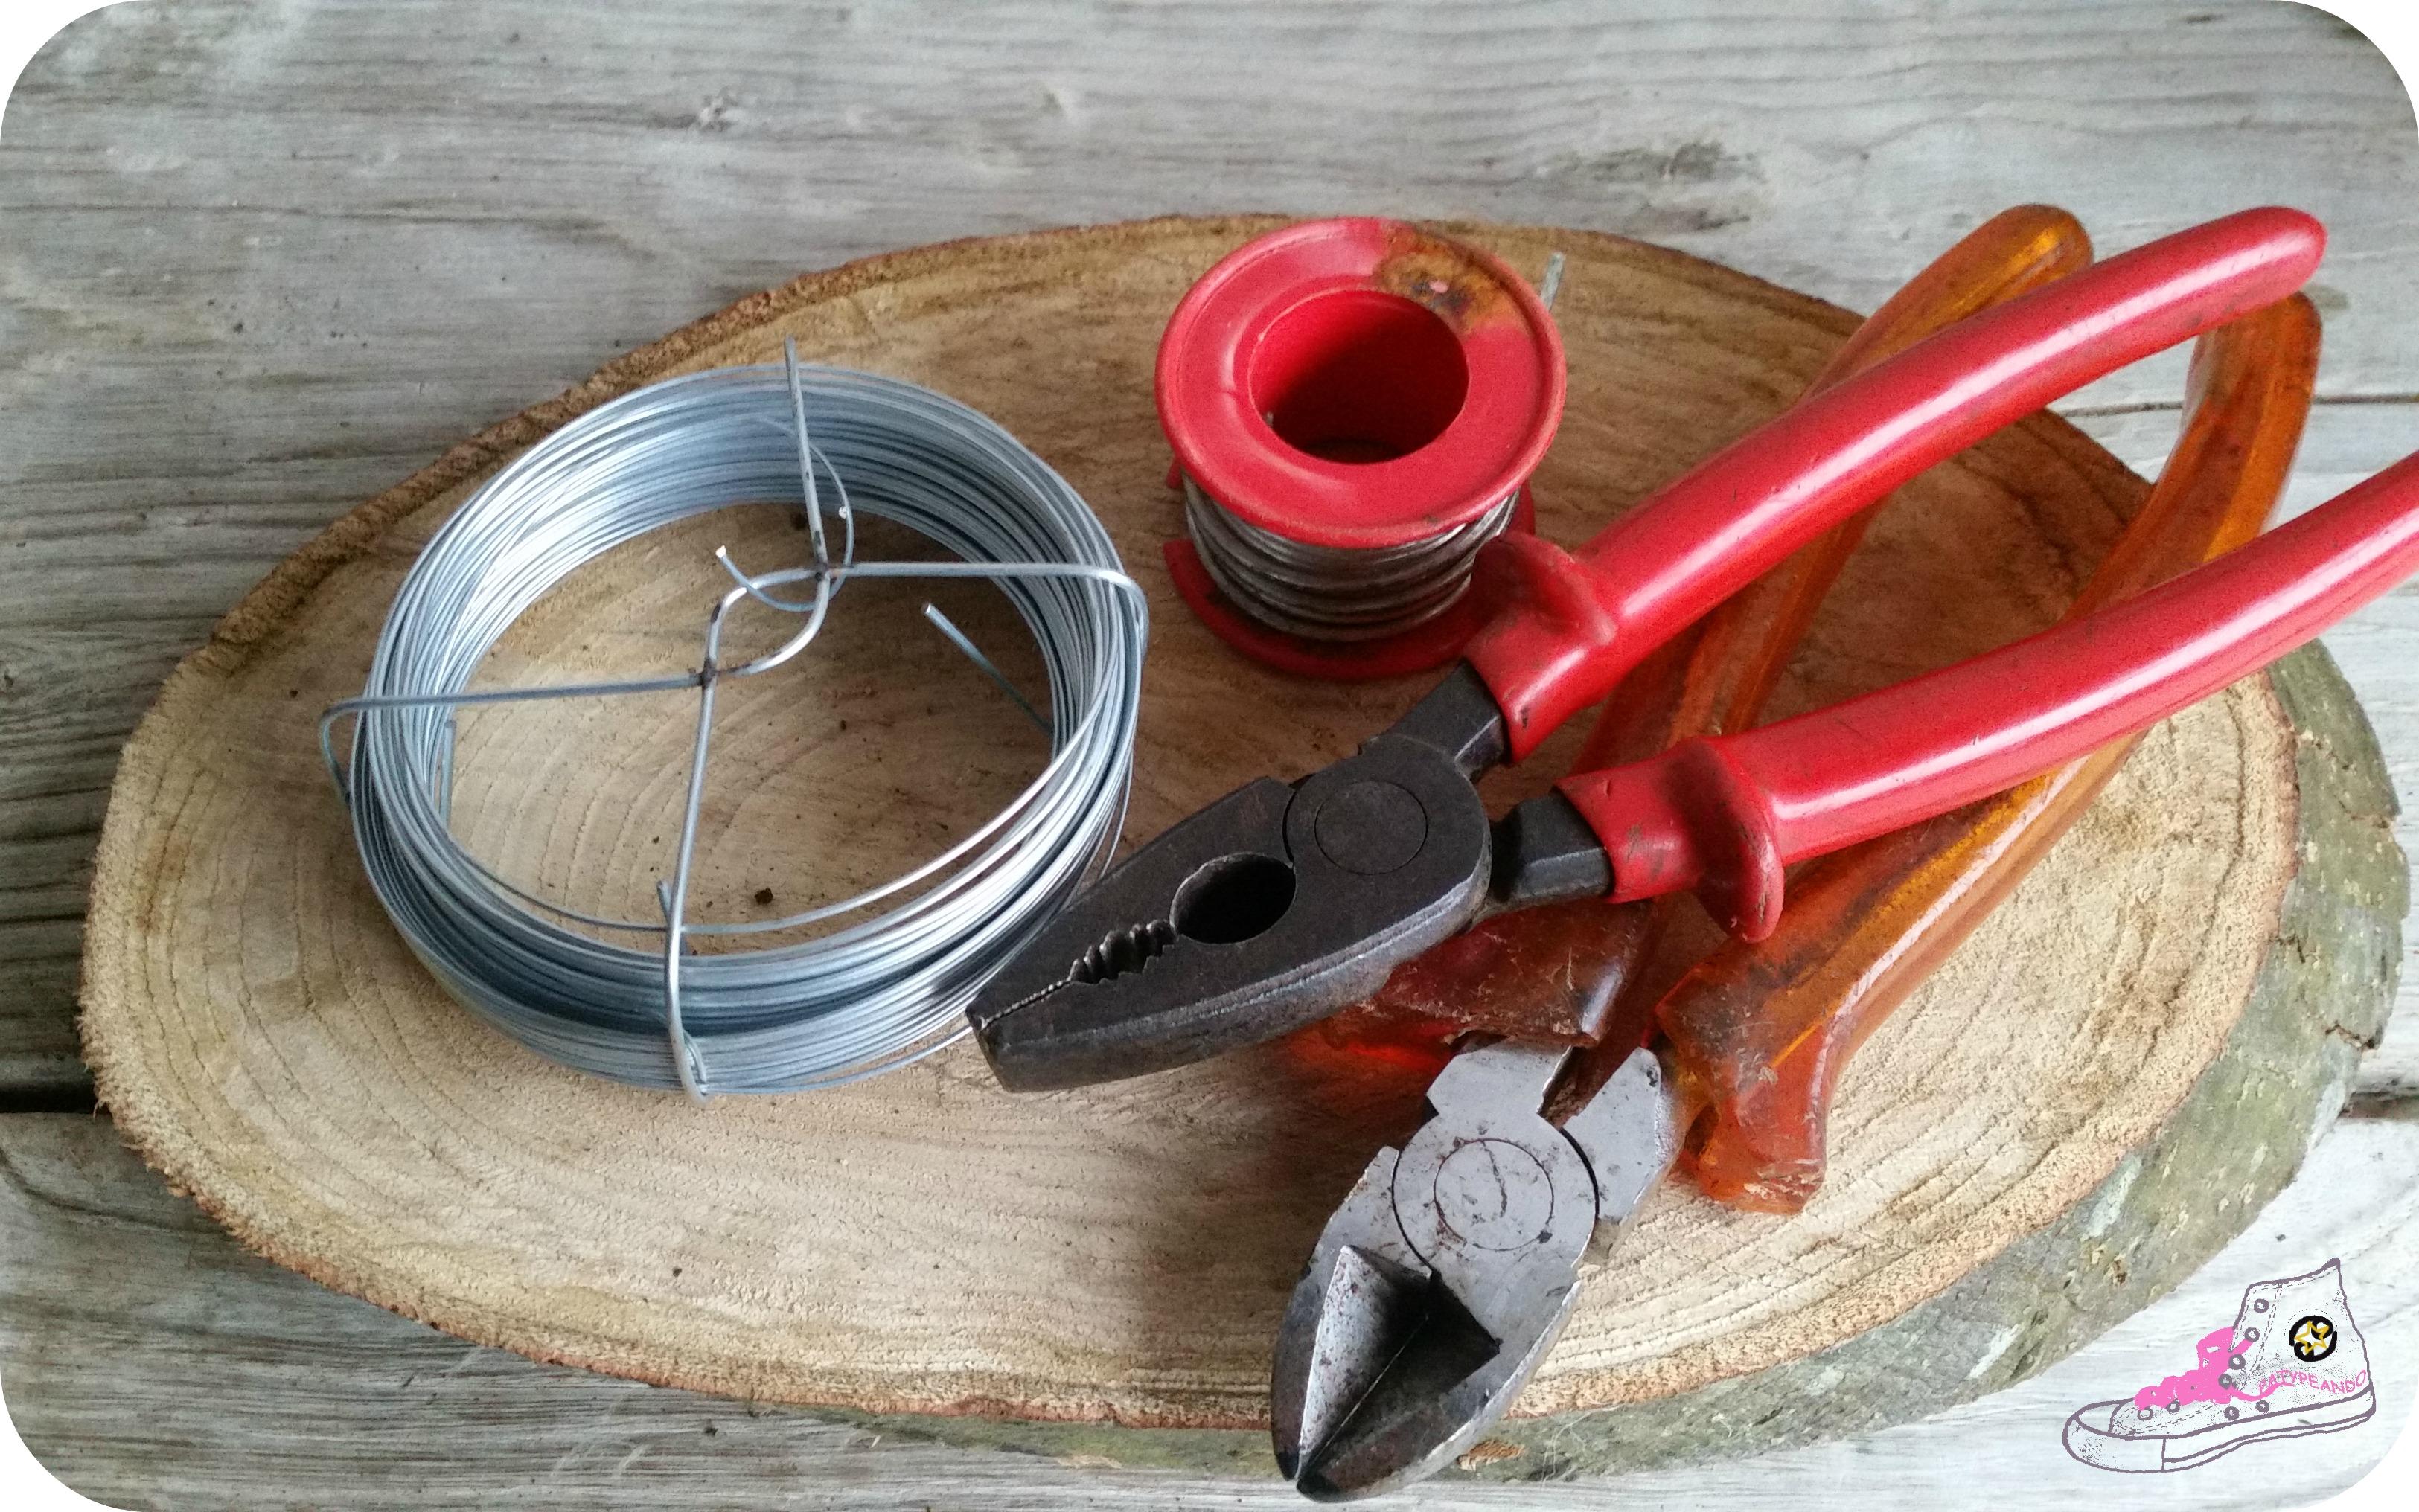 herramientas para hacer cesto de alambre